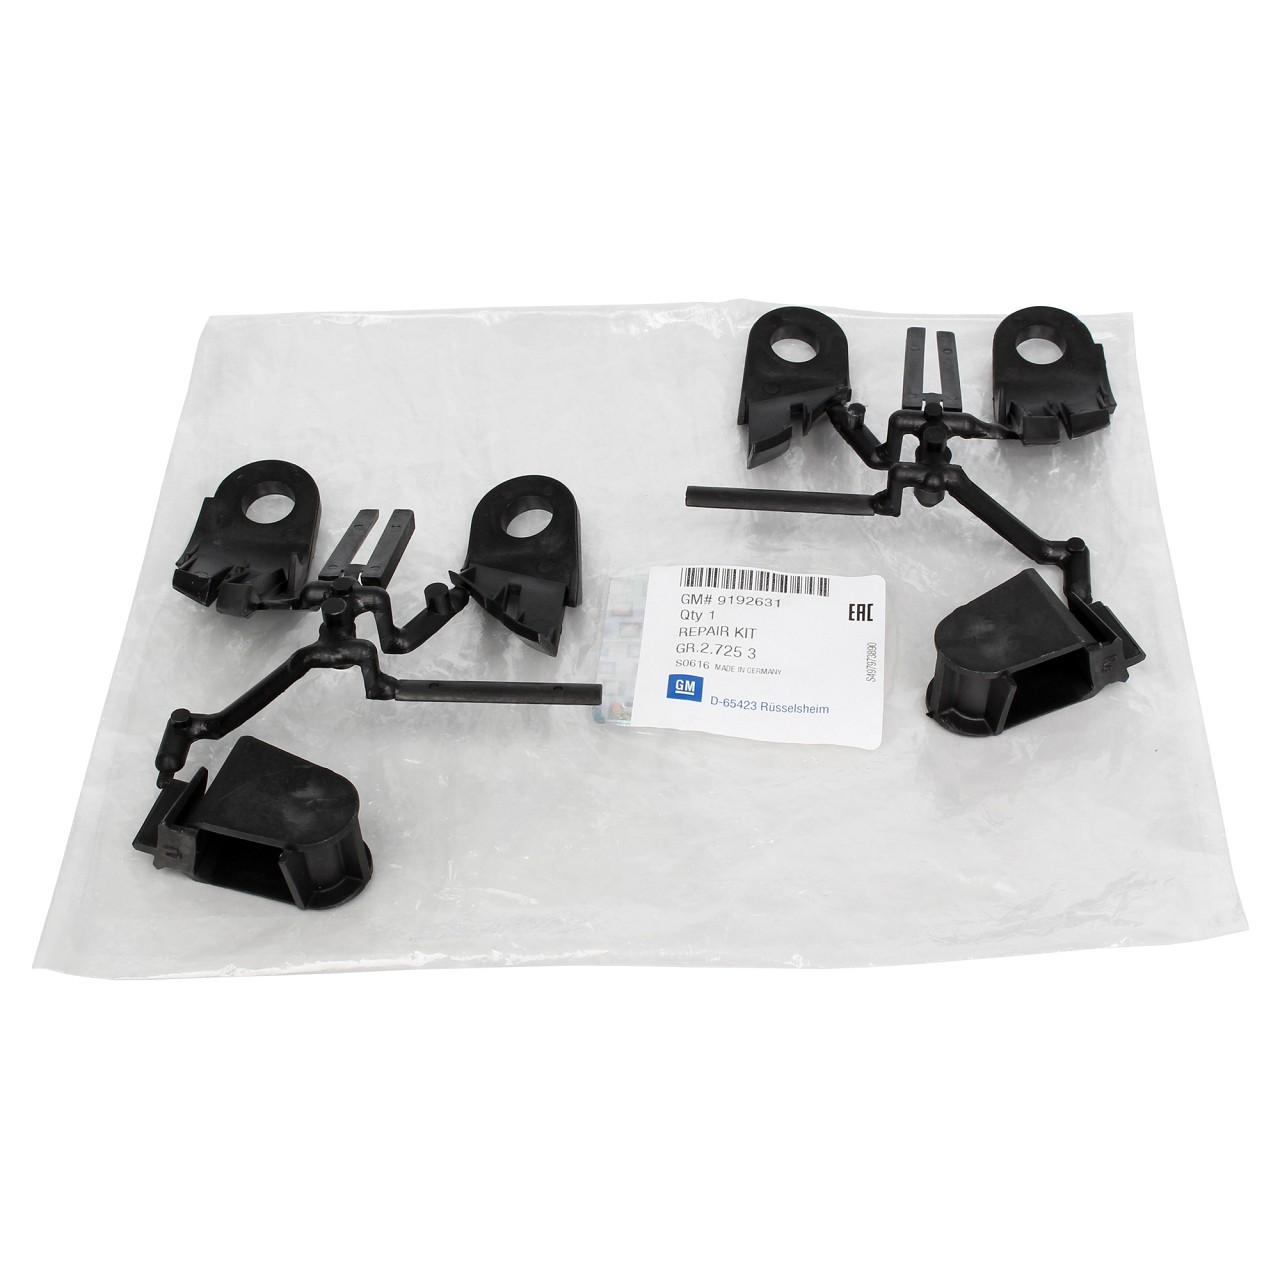 ORIGINAL GM Opel Scheinwerfer Reparatursatz ASTRA G vorne 1612007 / 9192631